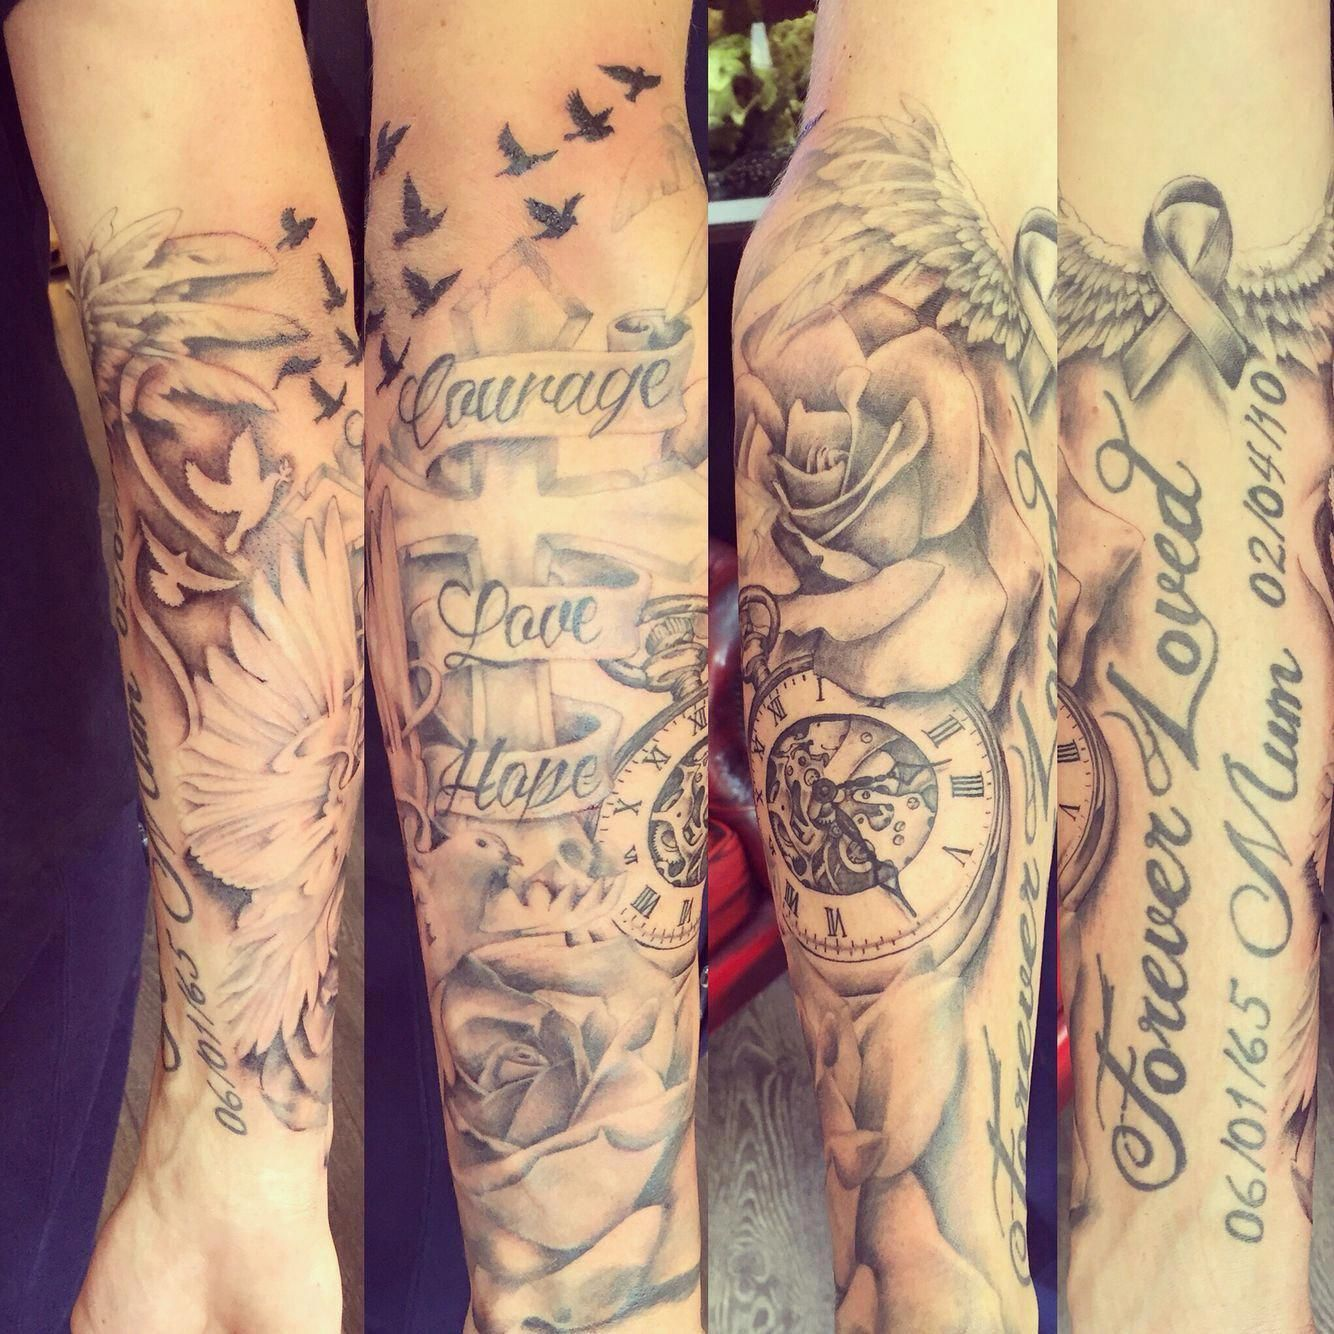 Half Of Sleeve Tattoos Halfsleevetattoos Sleeve Tattoos Half Sleeve Tattoos Drawings Best Sleeve Tattoos